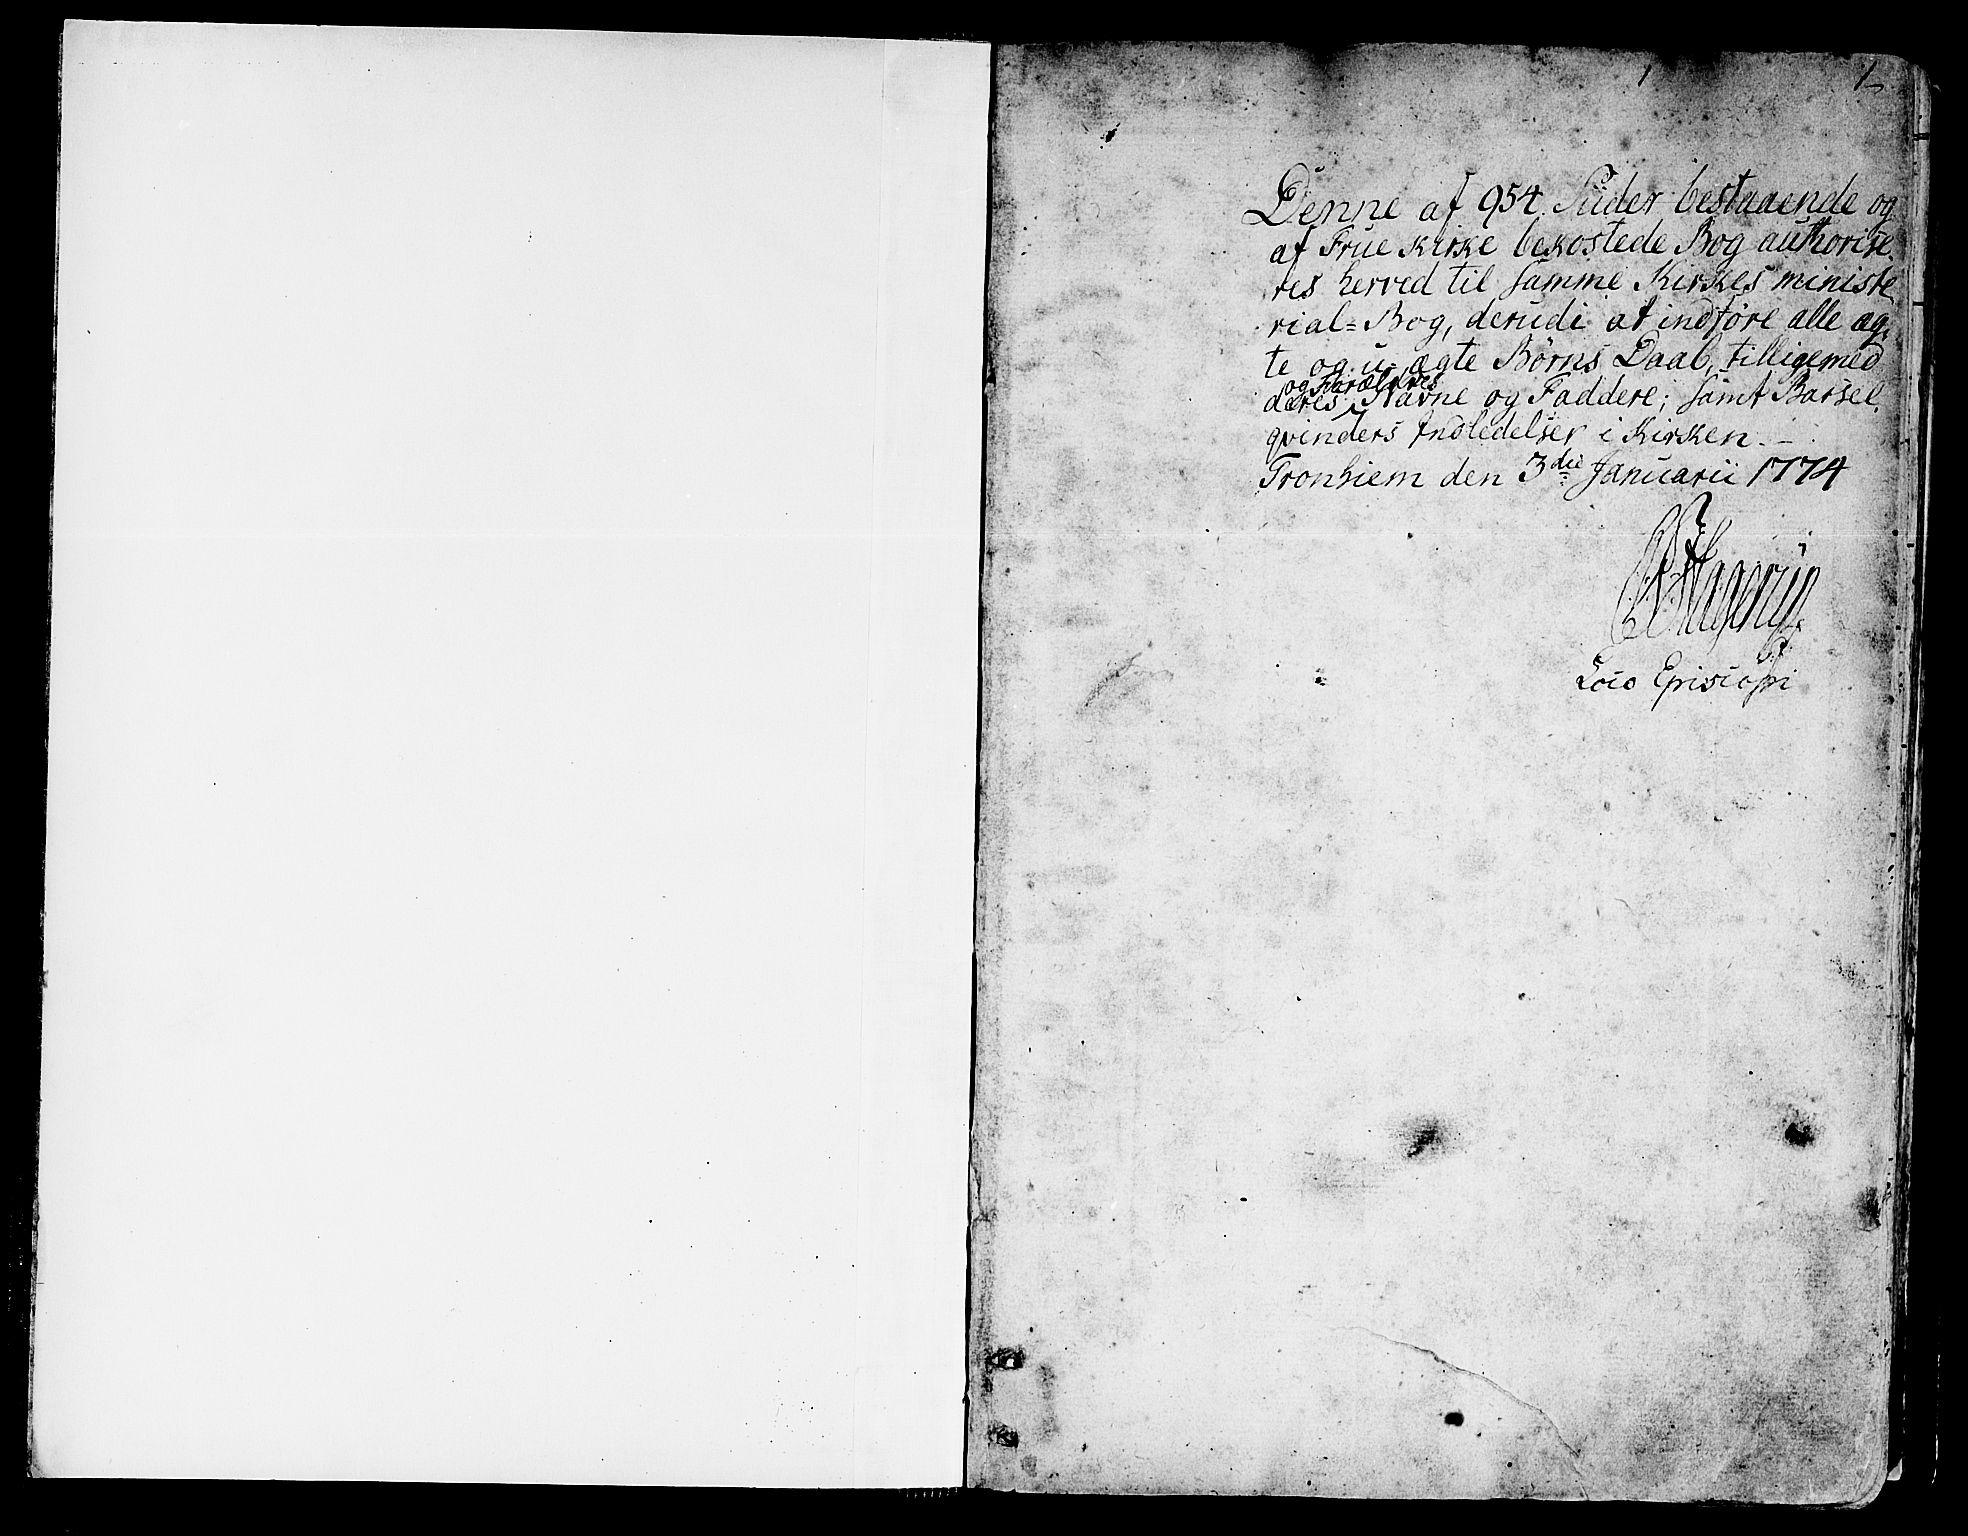 SAT, Ministerialprotokoller, klokkerbøker og fødselsregistre - Sør-Trøndelag, 602/L0104: Ministerialbok nr. 602A02, 1774-1814, s. 0-1